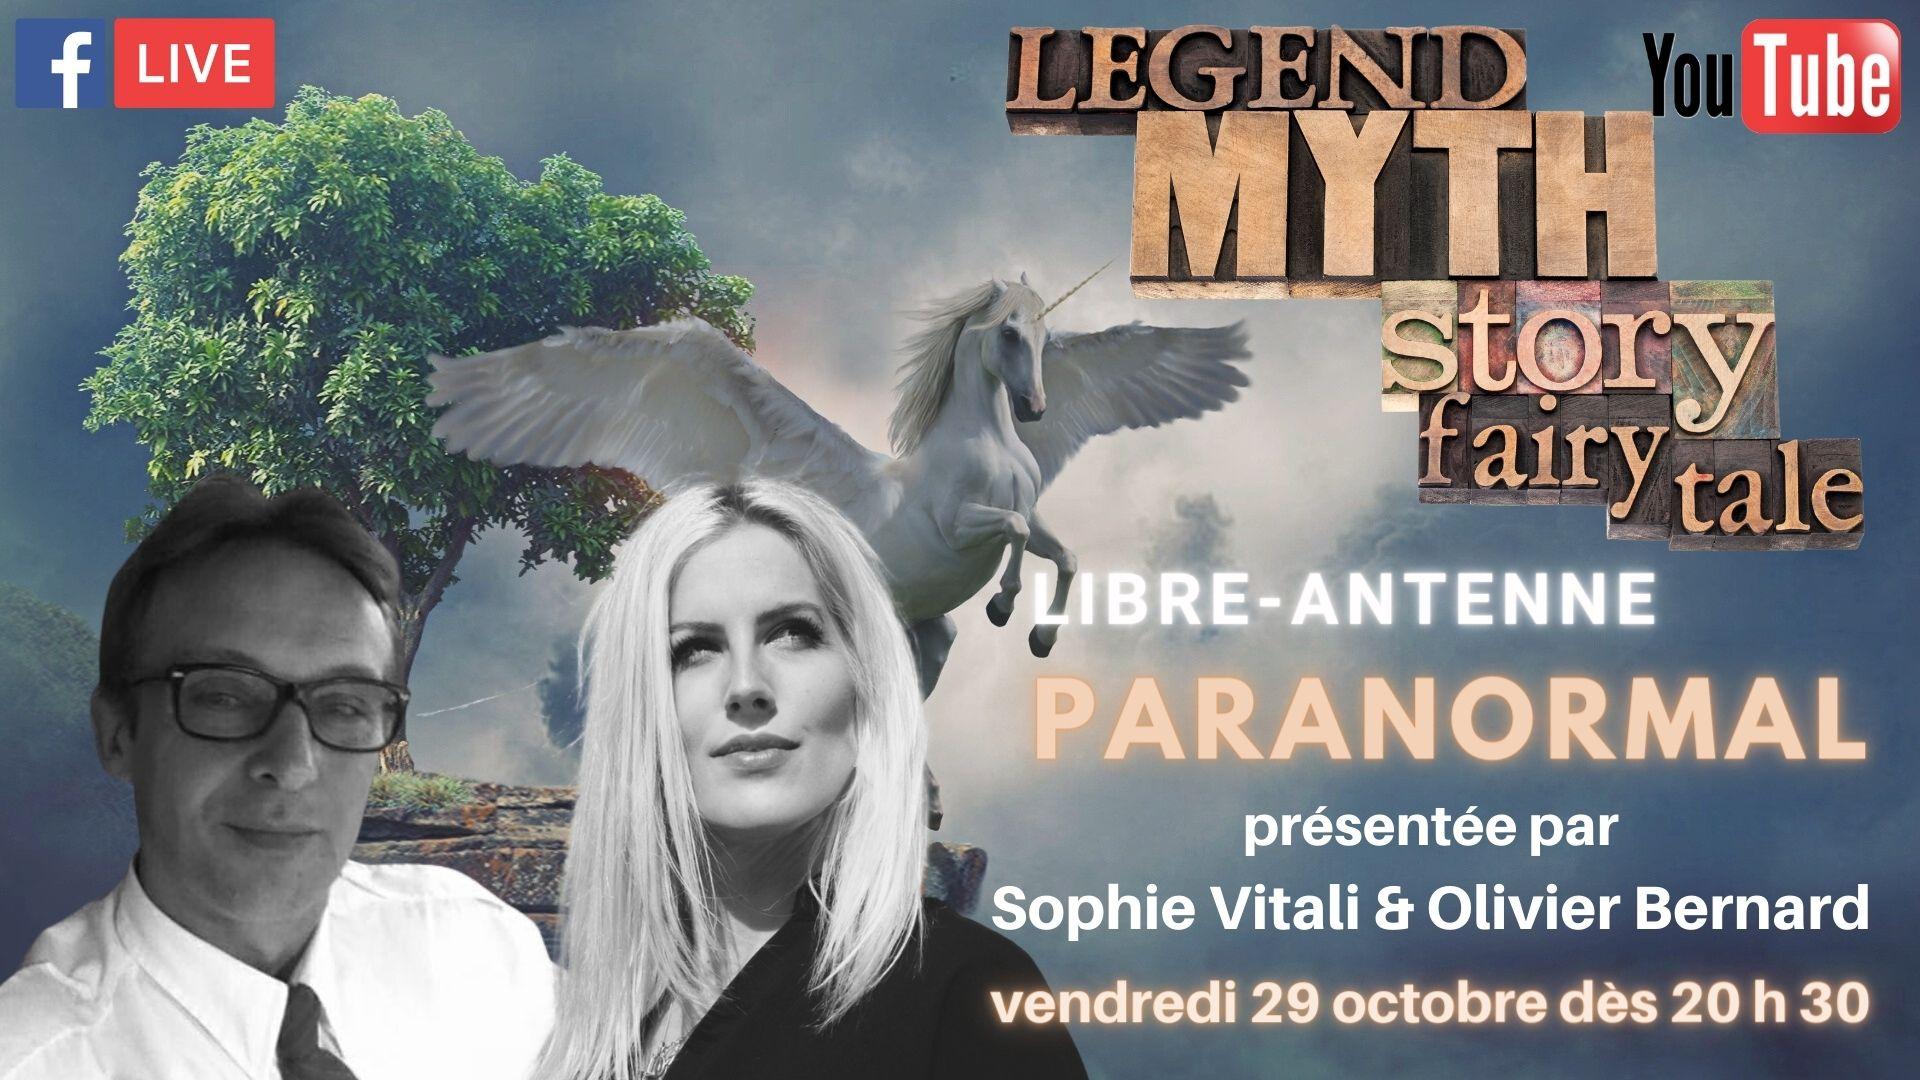 Sophie Vitali & Olivier Bernard : Libre antenne Paranormal : Mythes et légendes 29.10.2021